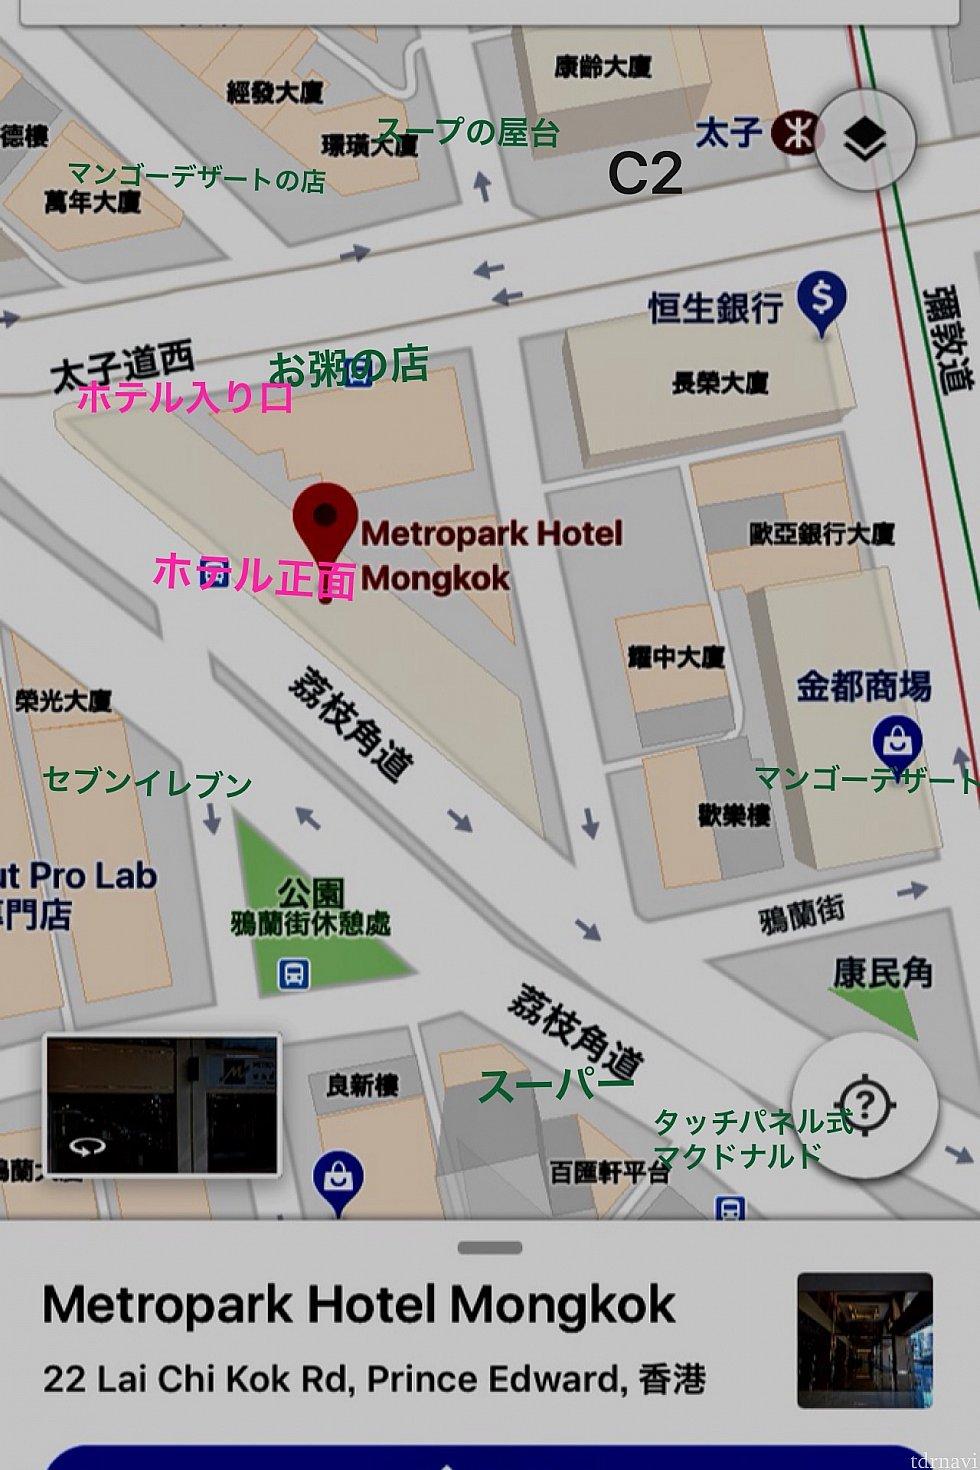 ホテル周辺の店 近くには多数の店があります。緑文字が店です